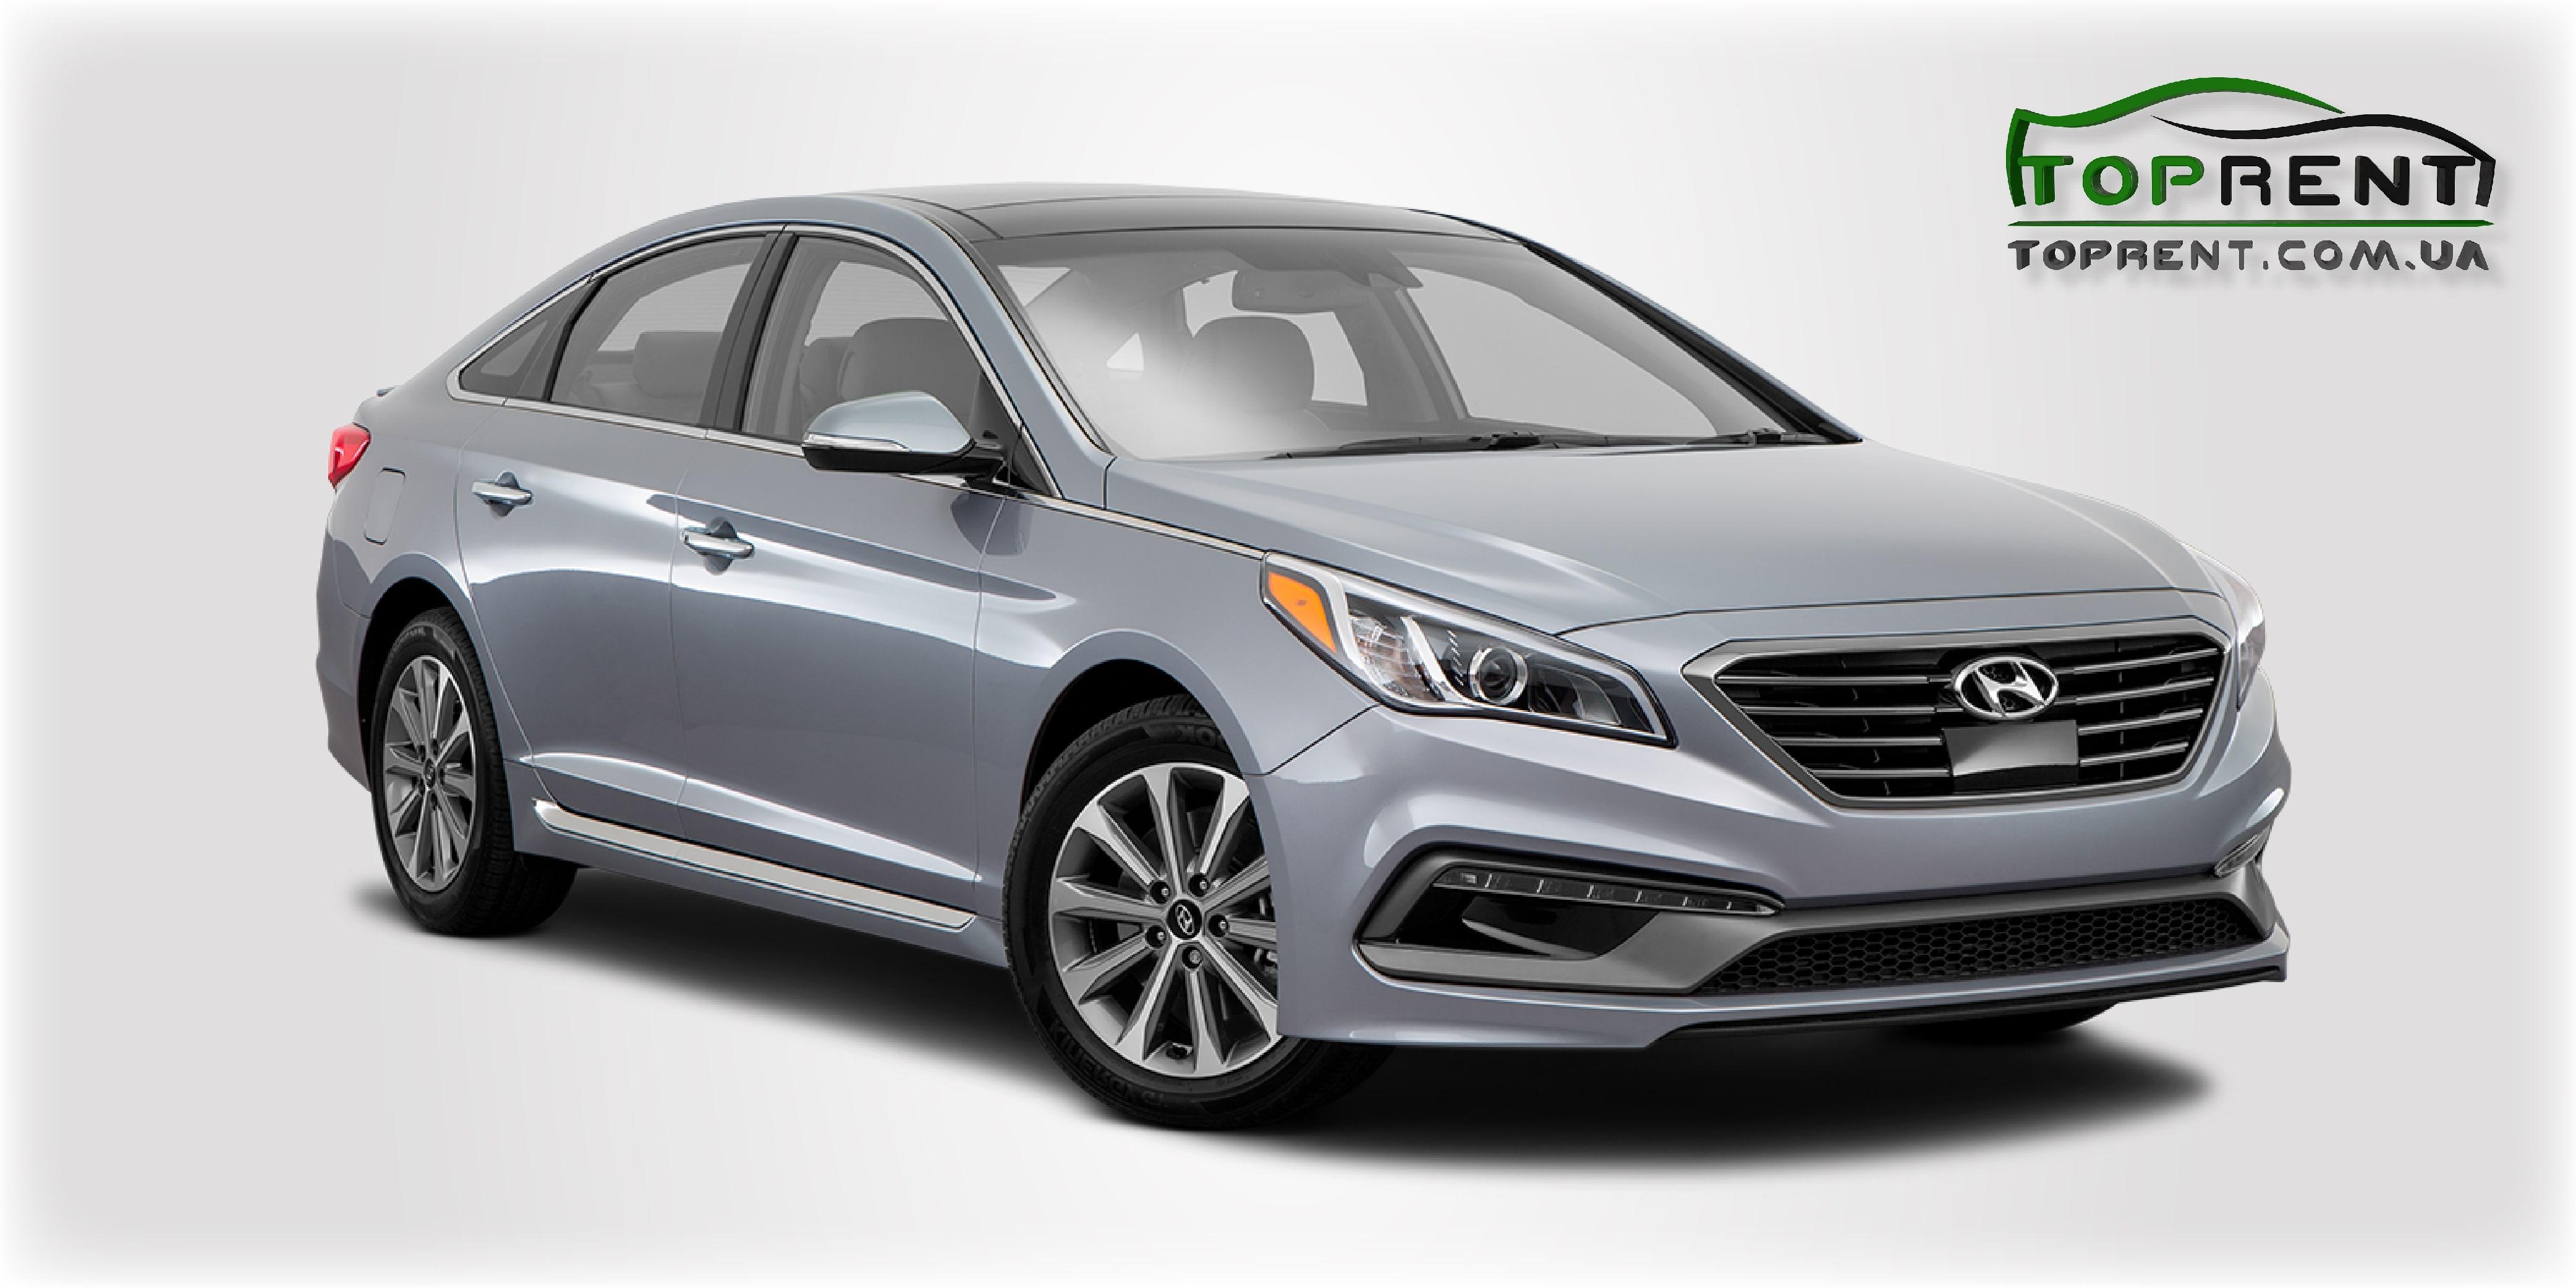 Hyundai-Sonata-2016-USA-arenda-prokat-TopRent.com.ua